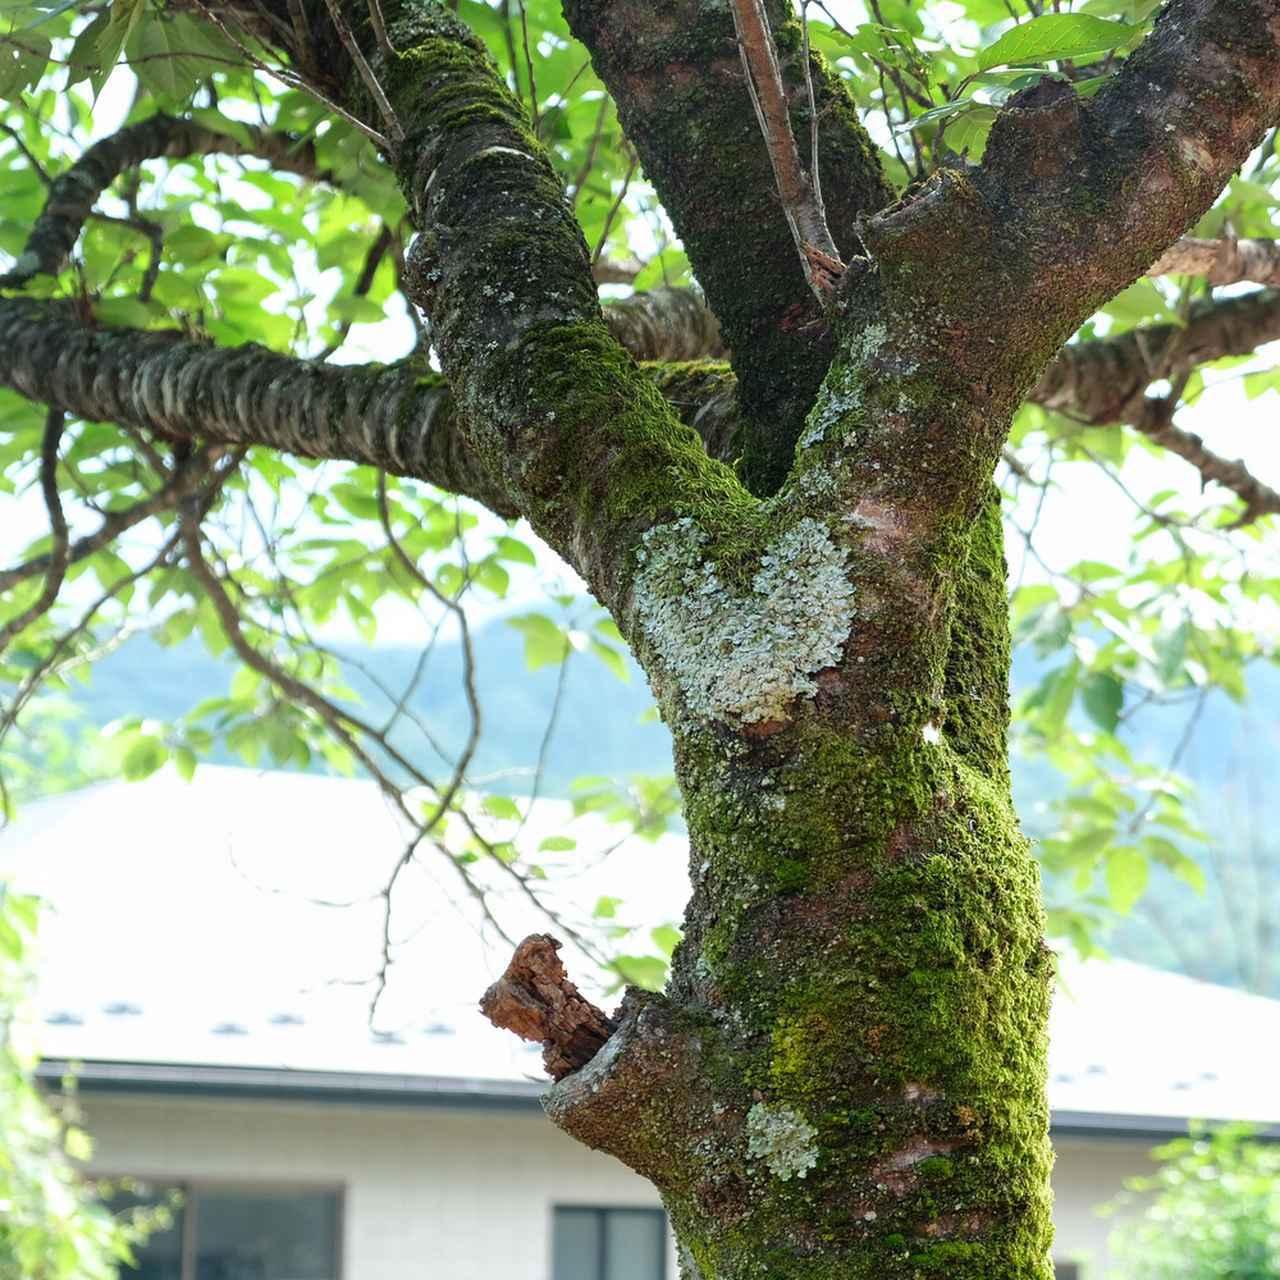 画像: 庭の桜の木にあるハートもトムさんのお気に入り。ぜひ皆さんも探してみてください。